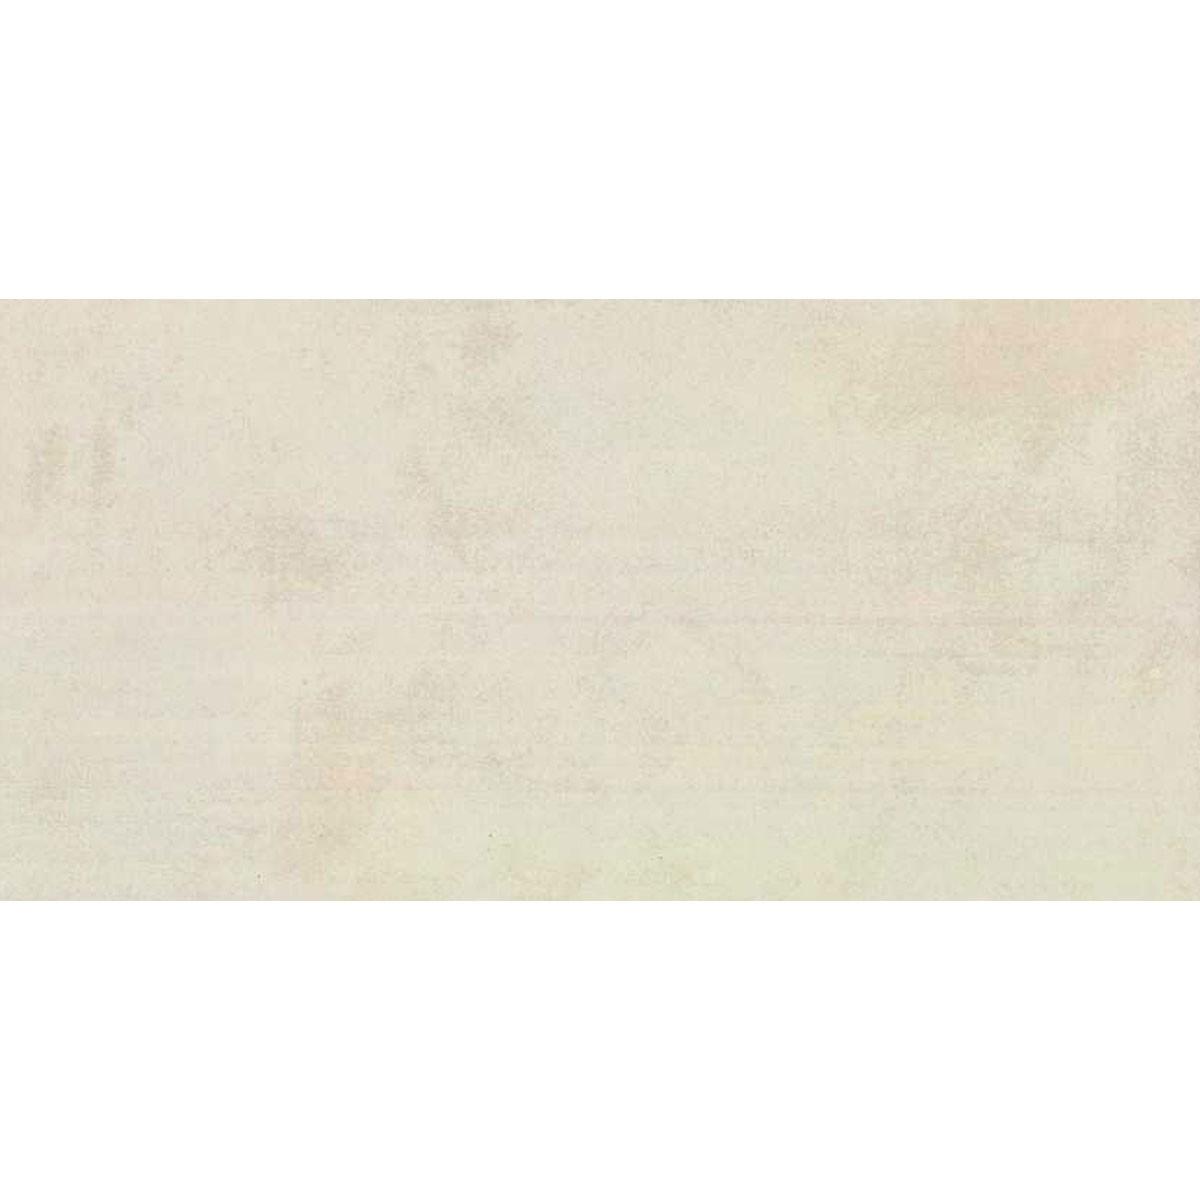 24 x 12 po Carreau de Sol Beige - 8 Pcs/Boîte (15.50 sq.ft/Boîte) (UR60A)